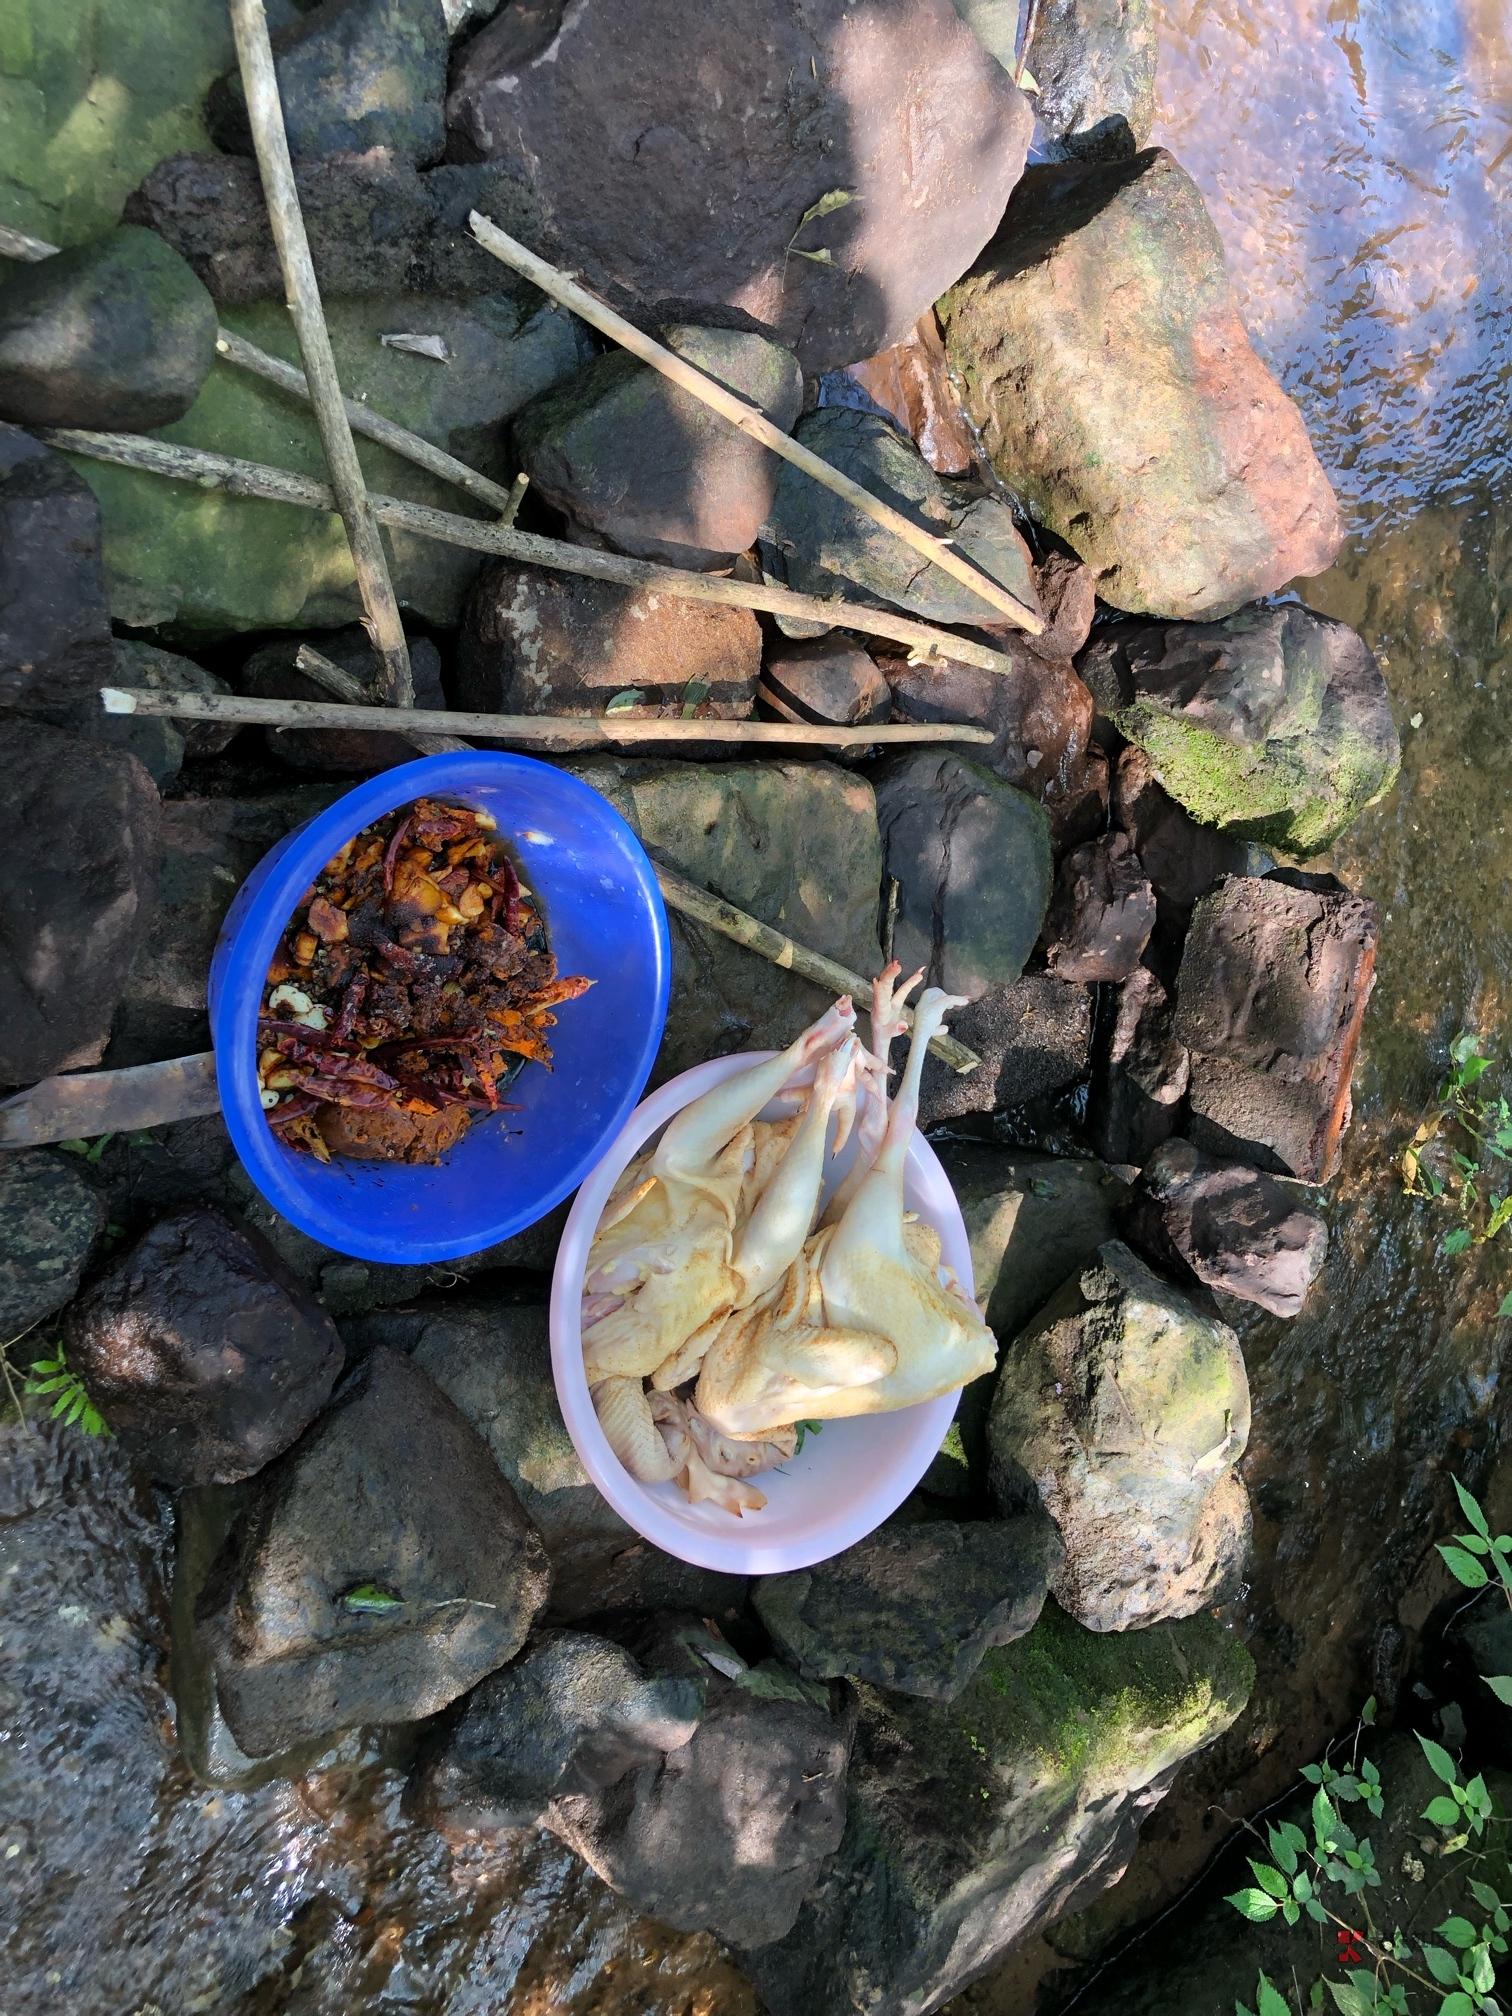 昨天跟两个朋友一起去野炊了,结果泥巴不够,懒得和,直接烧,糊了一只。但另外一只特81 / 作者:霜雪千年 /